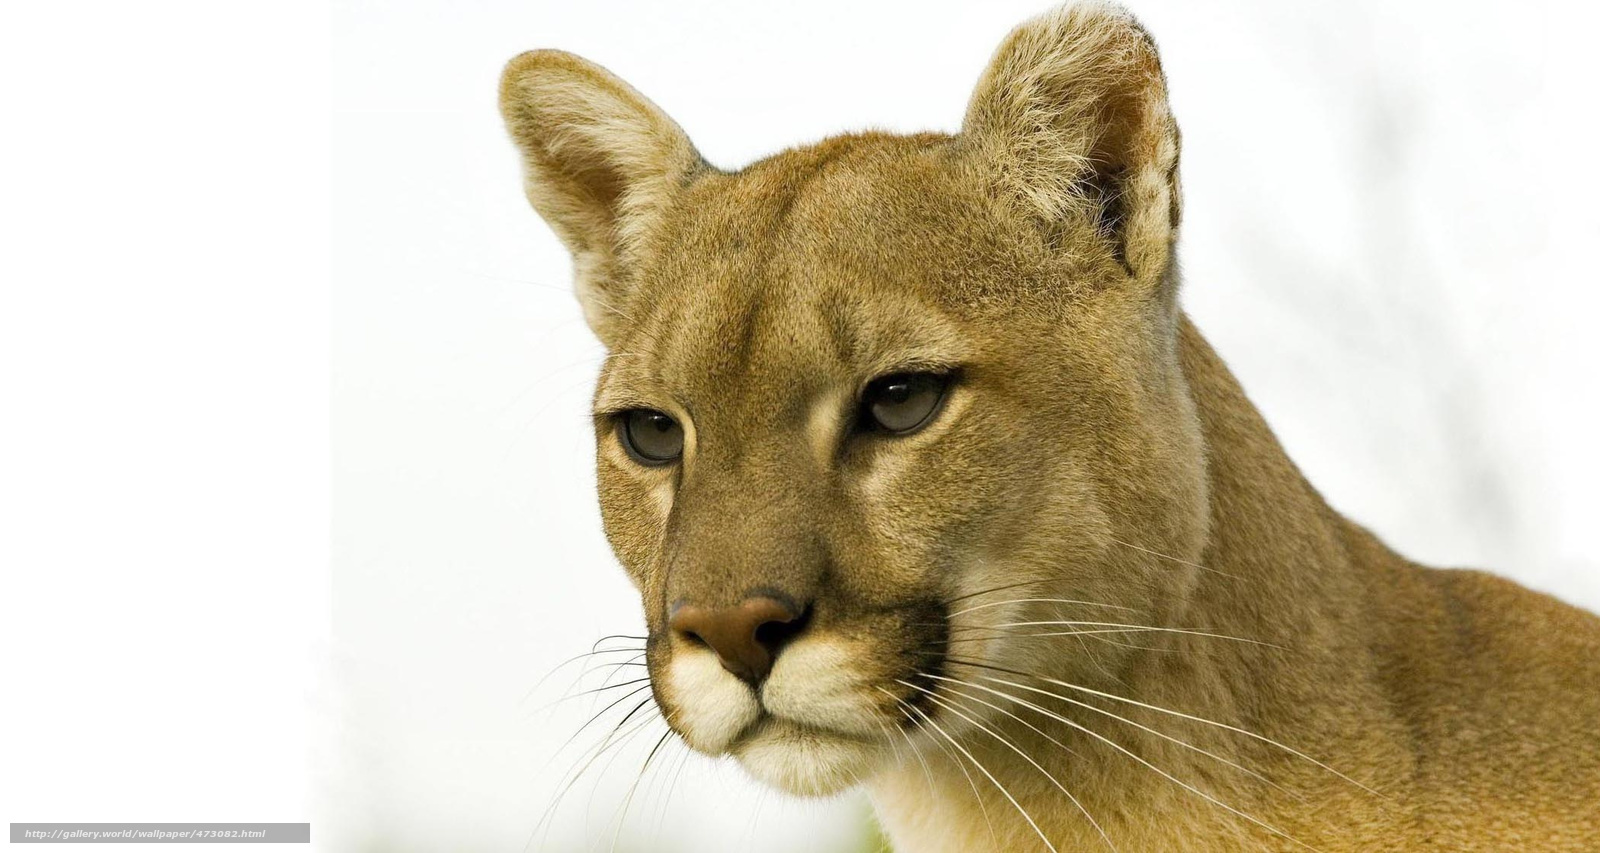 tlcharger fond d 39 ecran puma puma lion de montagne chat sauvage fonds d 39 ecran gratuits pour. Black Bedroom Furniture Sets. Home Design Ideas